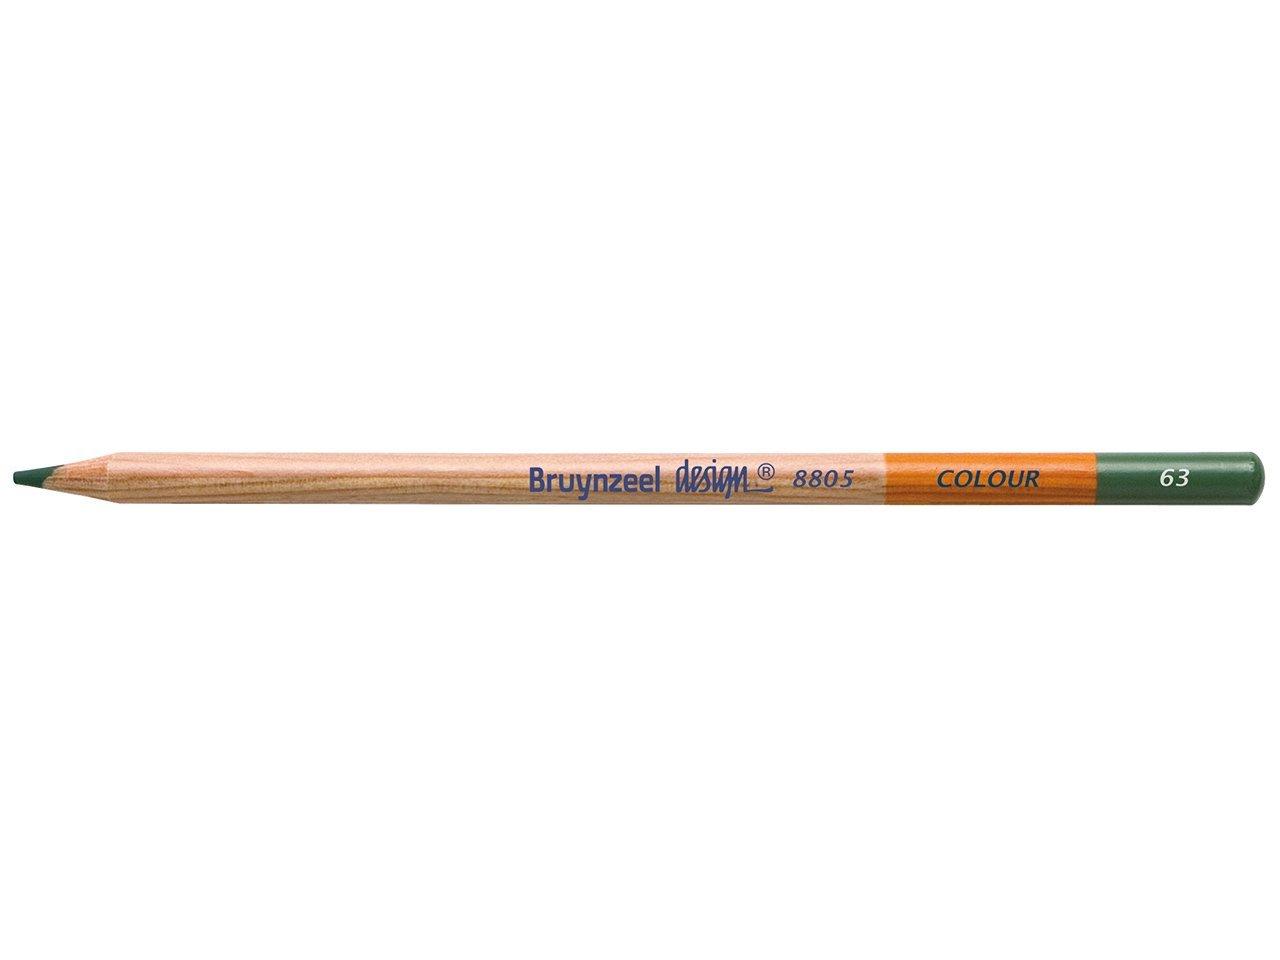 Bruynzeel Pencil - 63 Olive Green